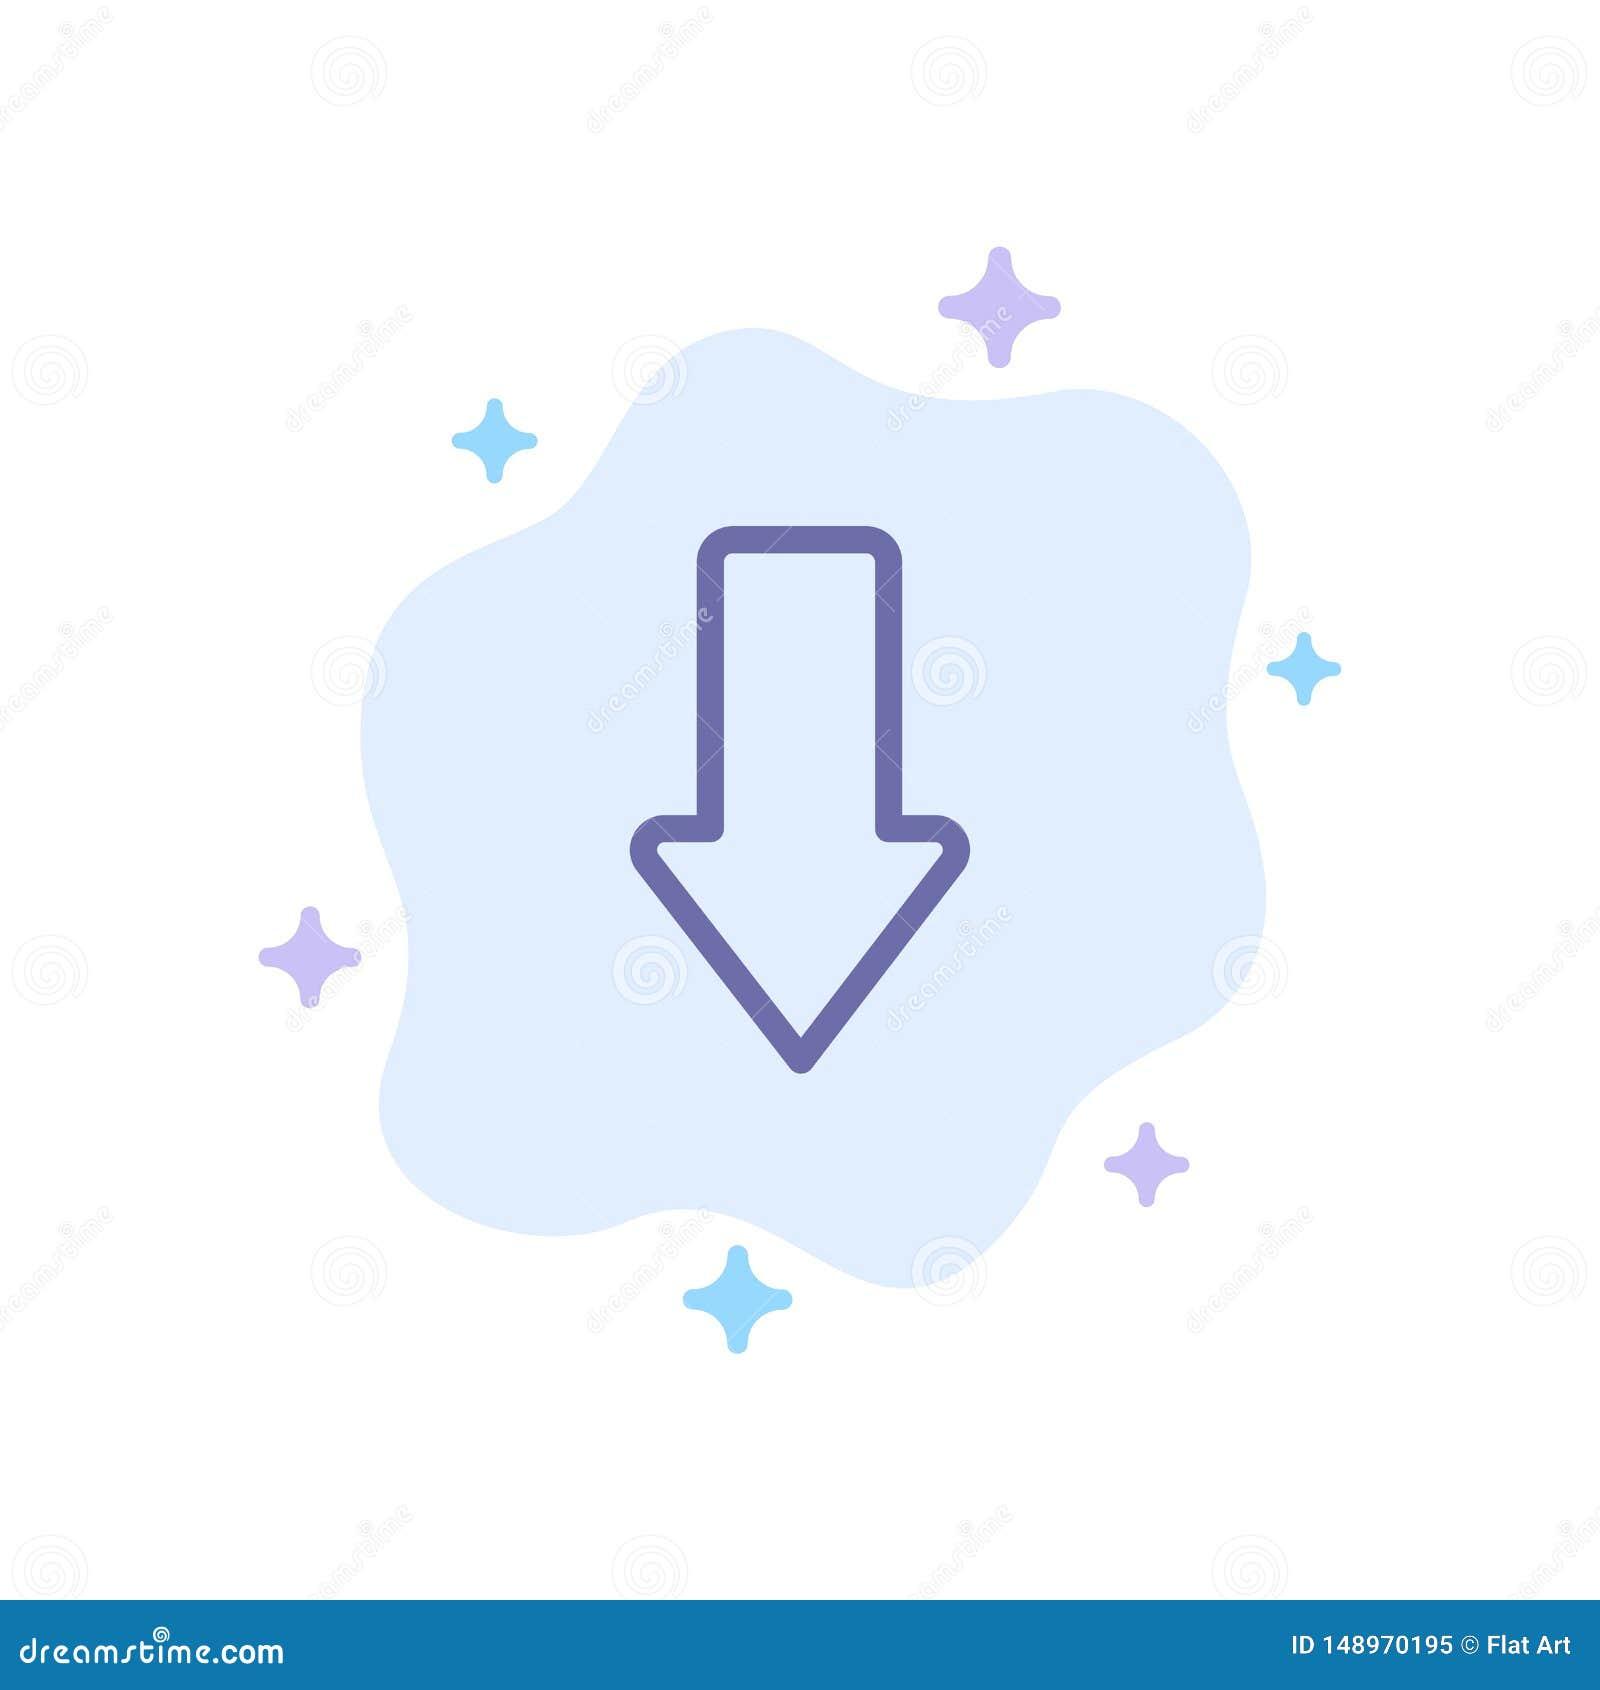 Το βέλος, βέλη, κάτω από, μεταφορτώνει το μπλε εικονίδιο στο αφηρημένο υπόβαθρο σύννεφων